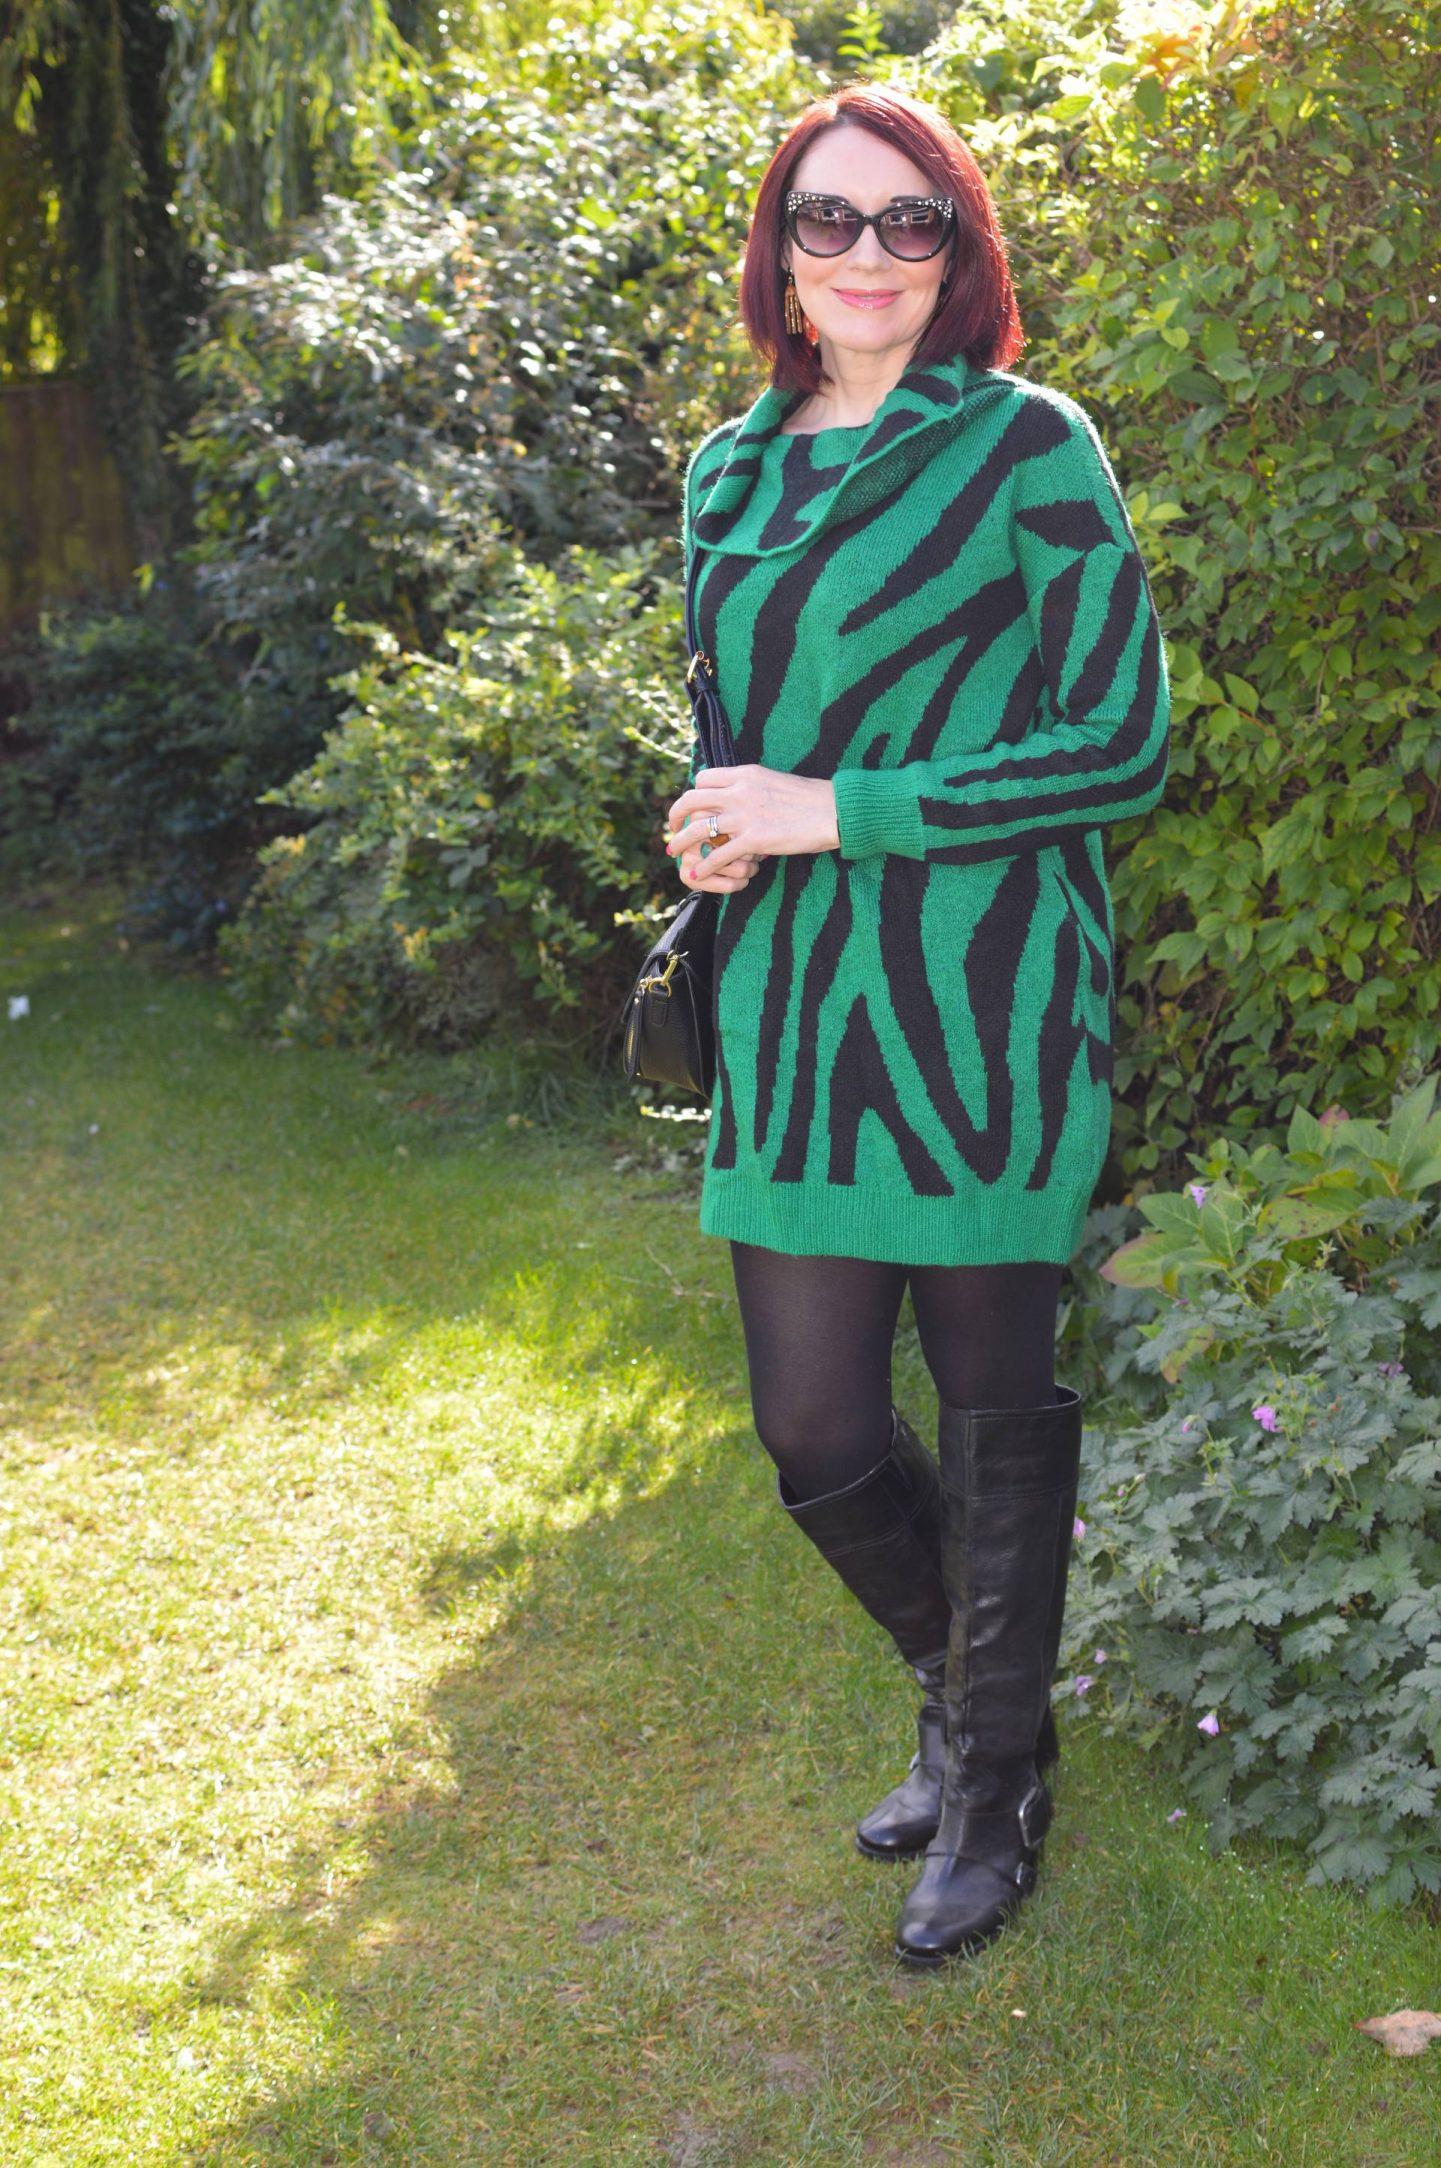 The Stylish Monday Sweater Edit, Bonmarche green zebra print tunic sweater